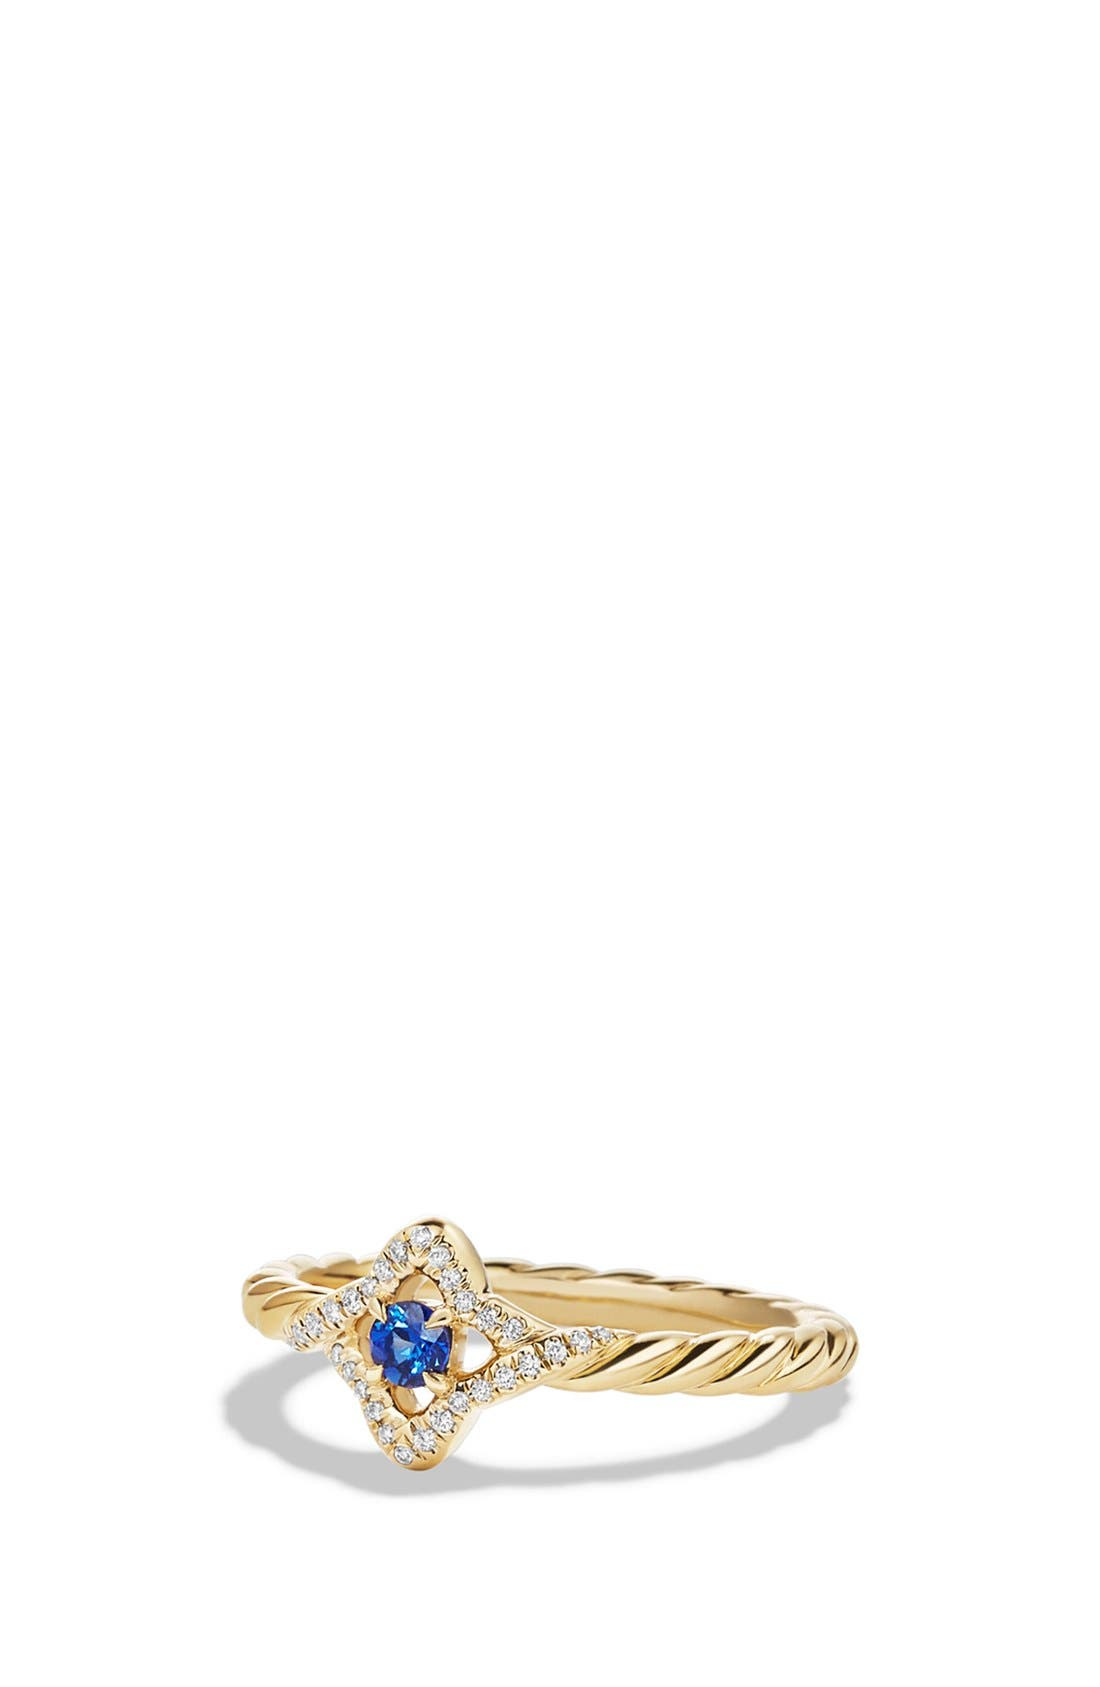 Alternate Image 1 Selected - David Yurman 'Venetial Quatrefoil' Ring in Gold